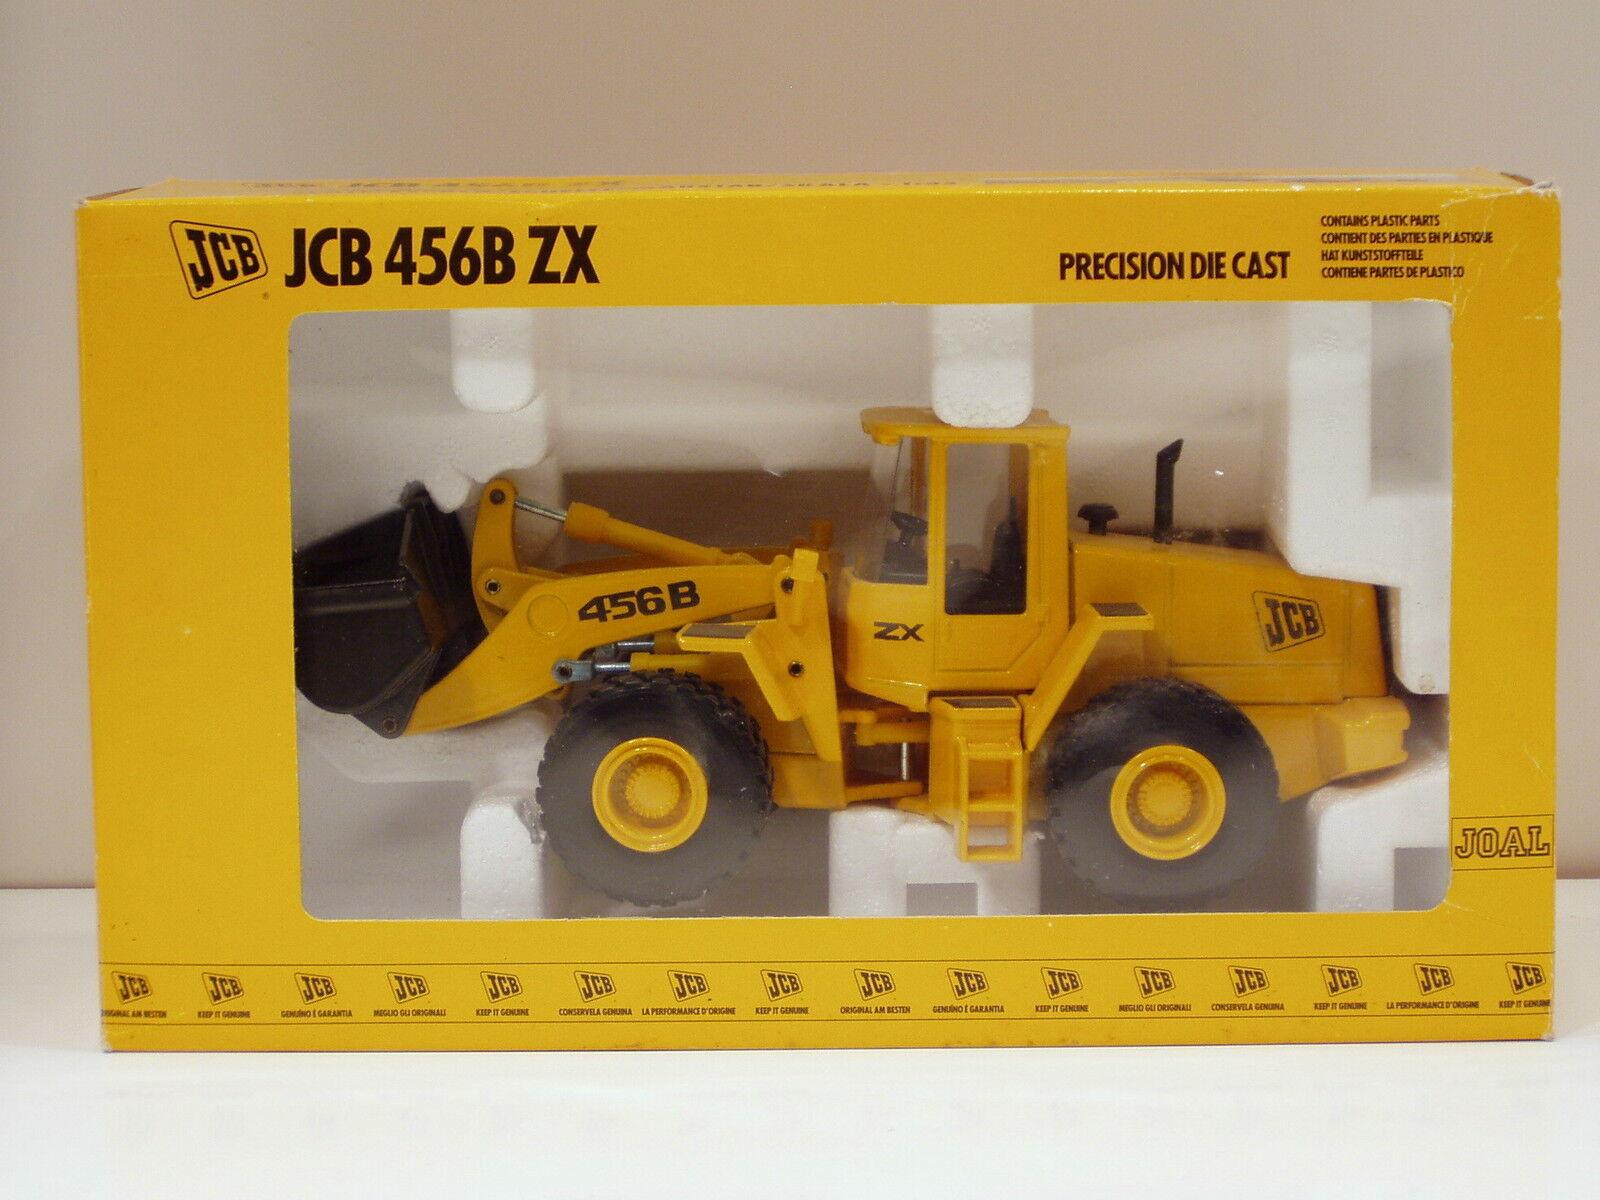 JCB 456B ZX Wheel Loader - 1/35 - Joal #260 - MIB